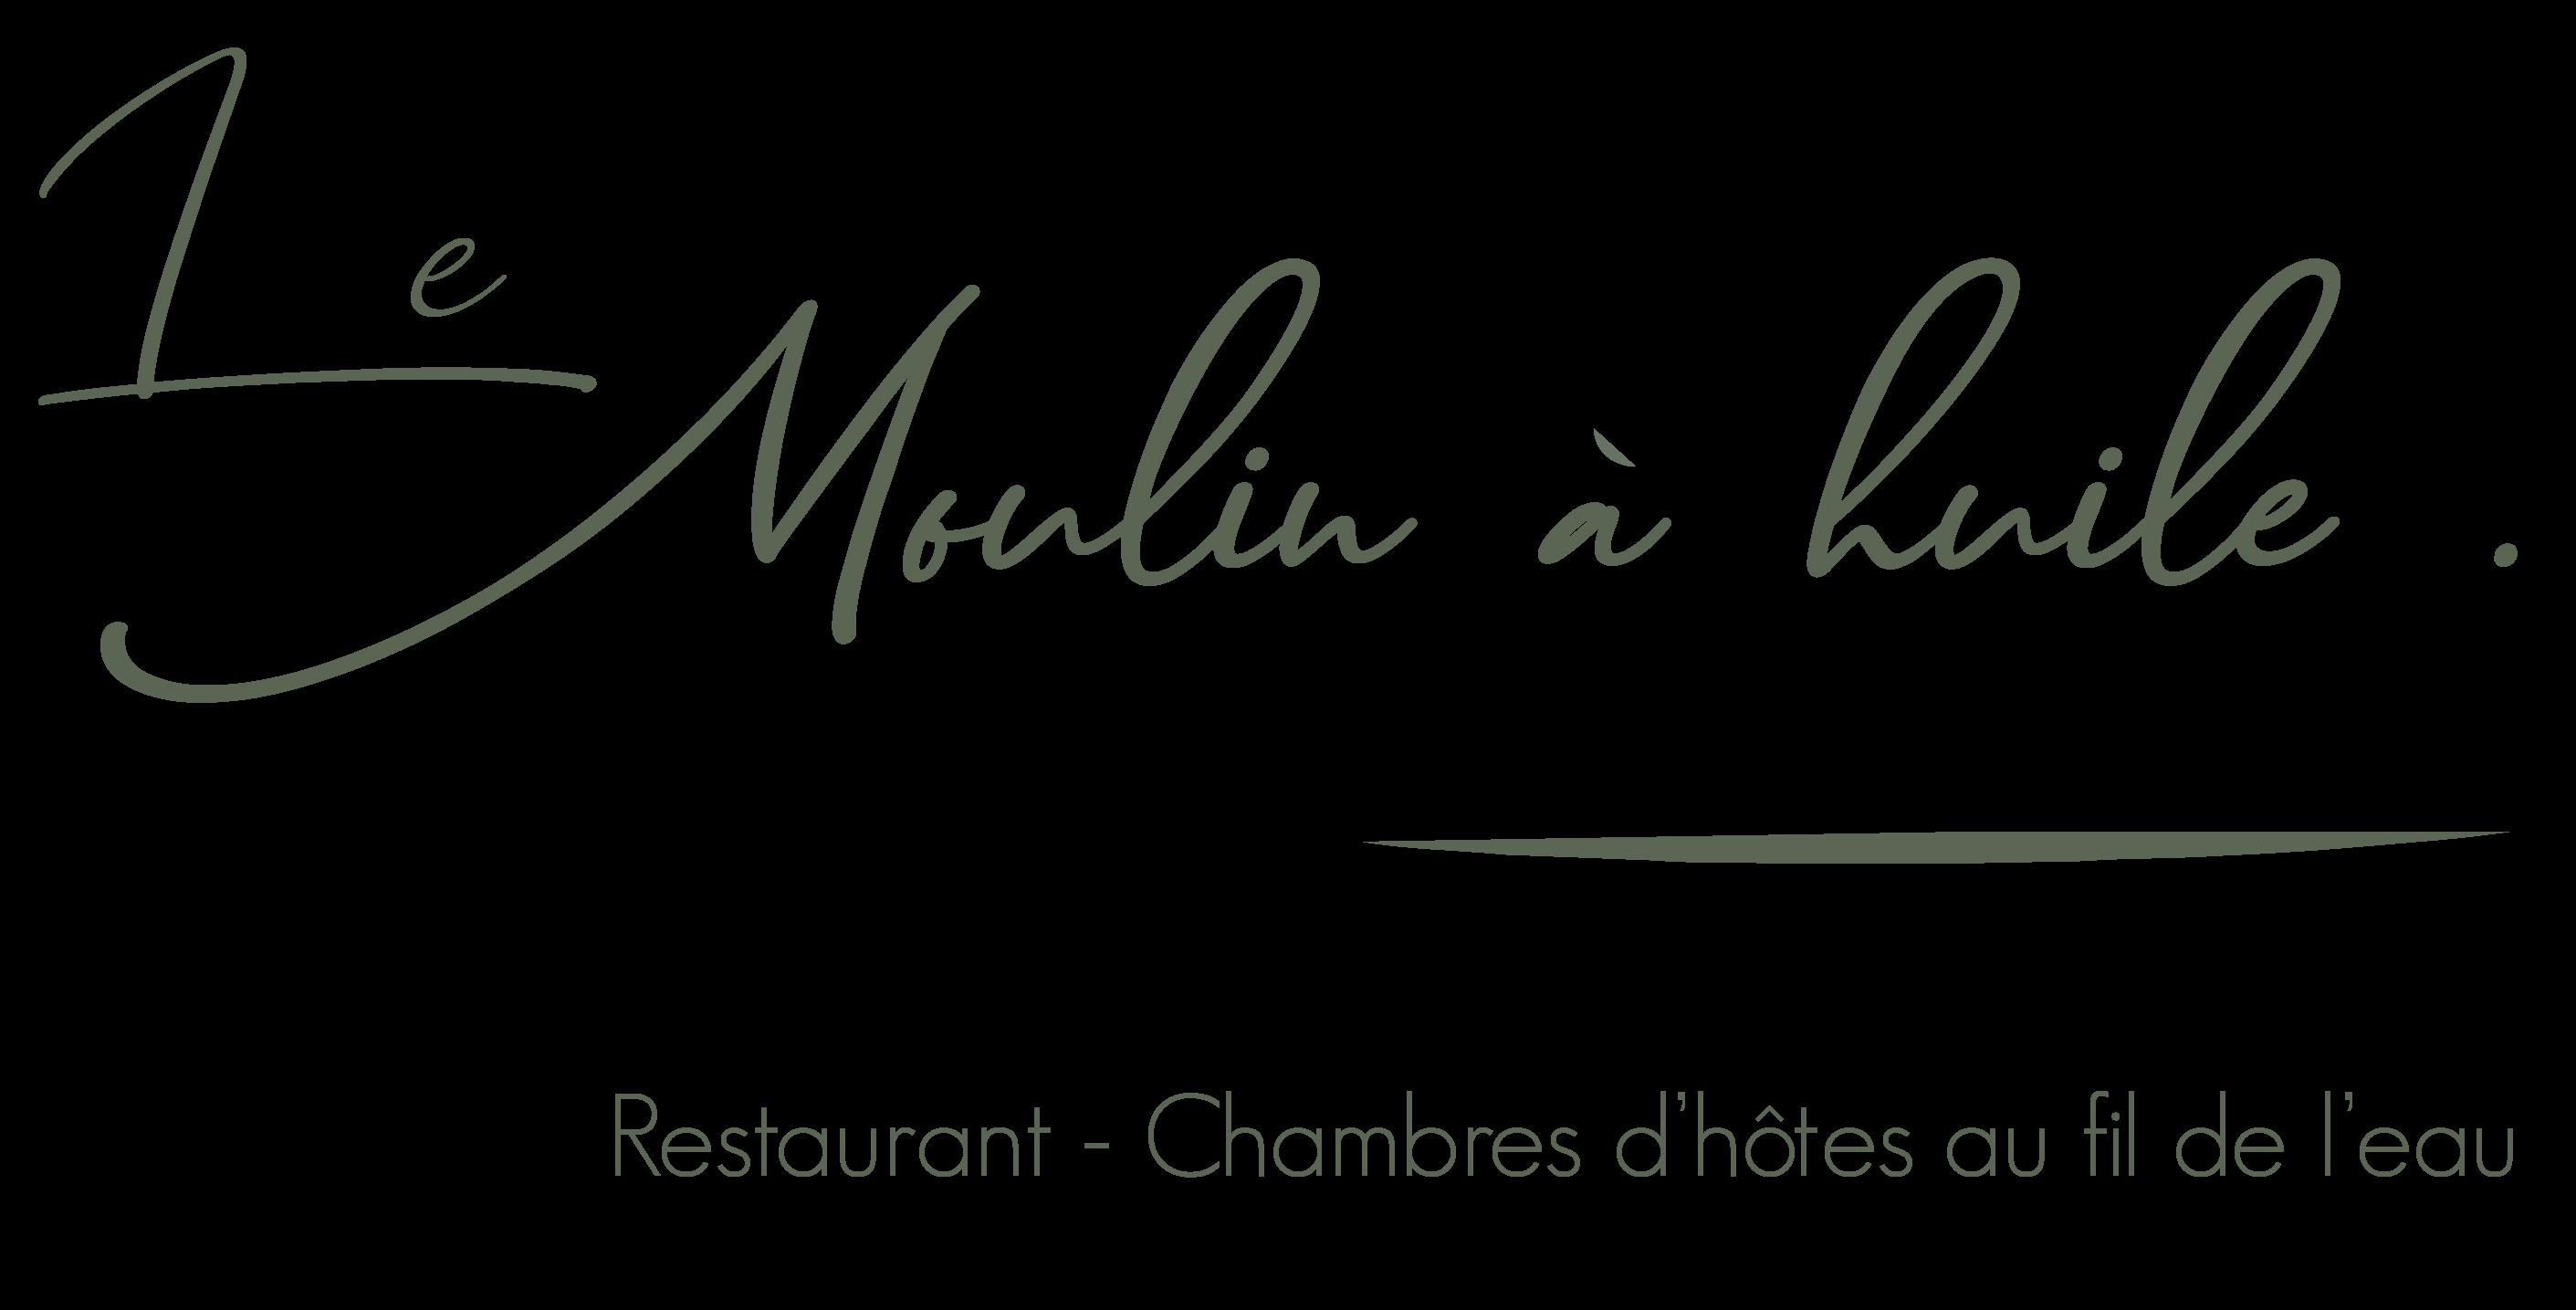 Logo Le Moulin à Huile